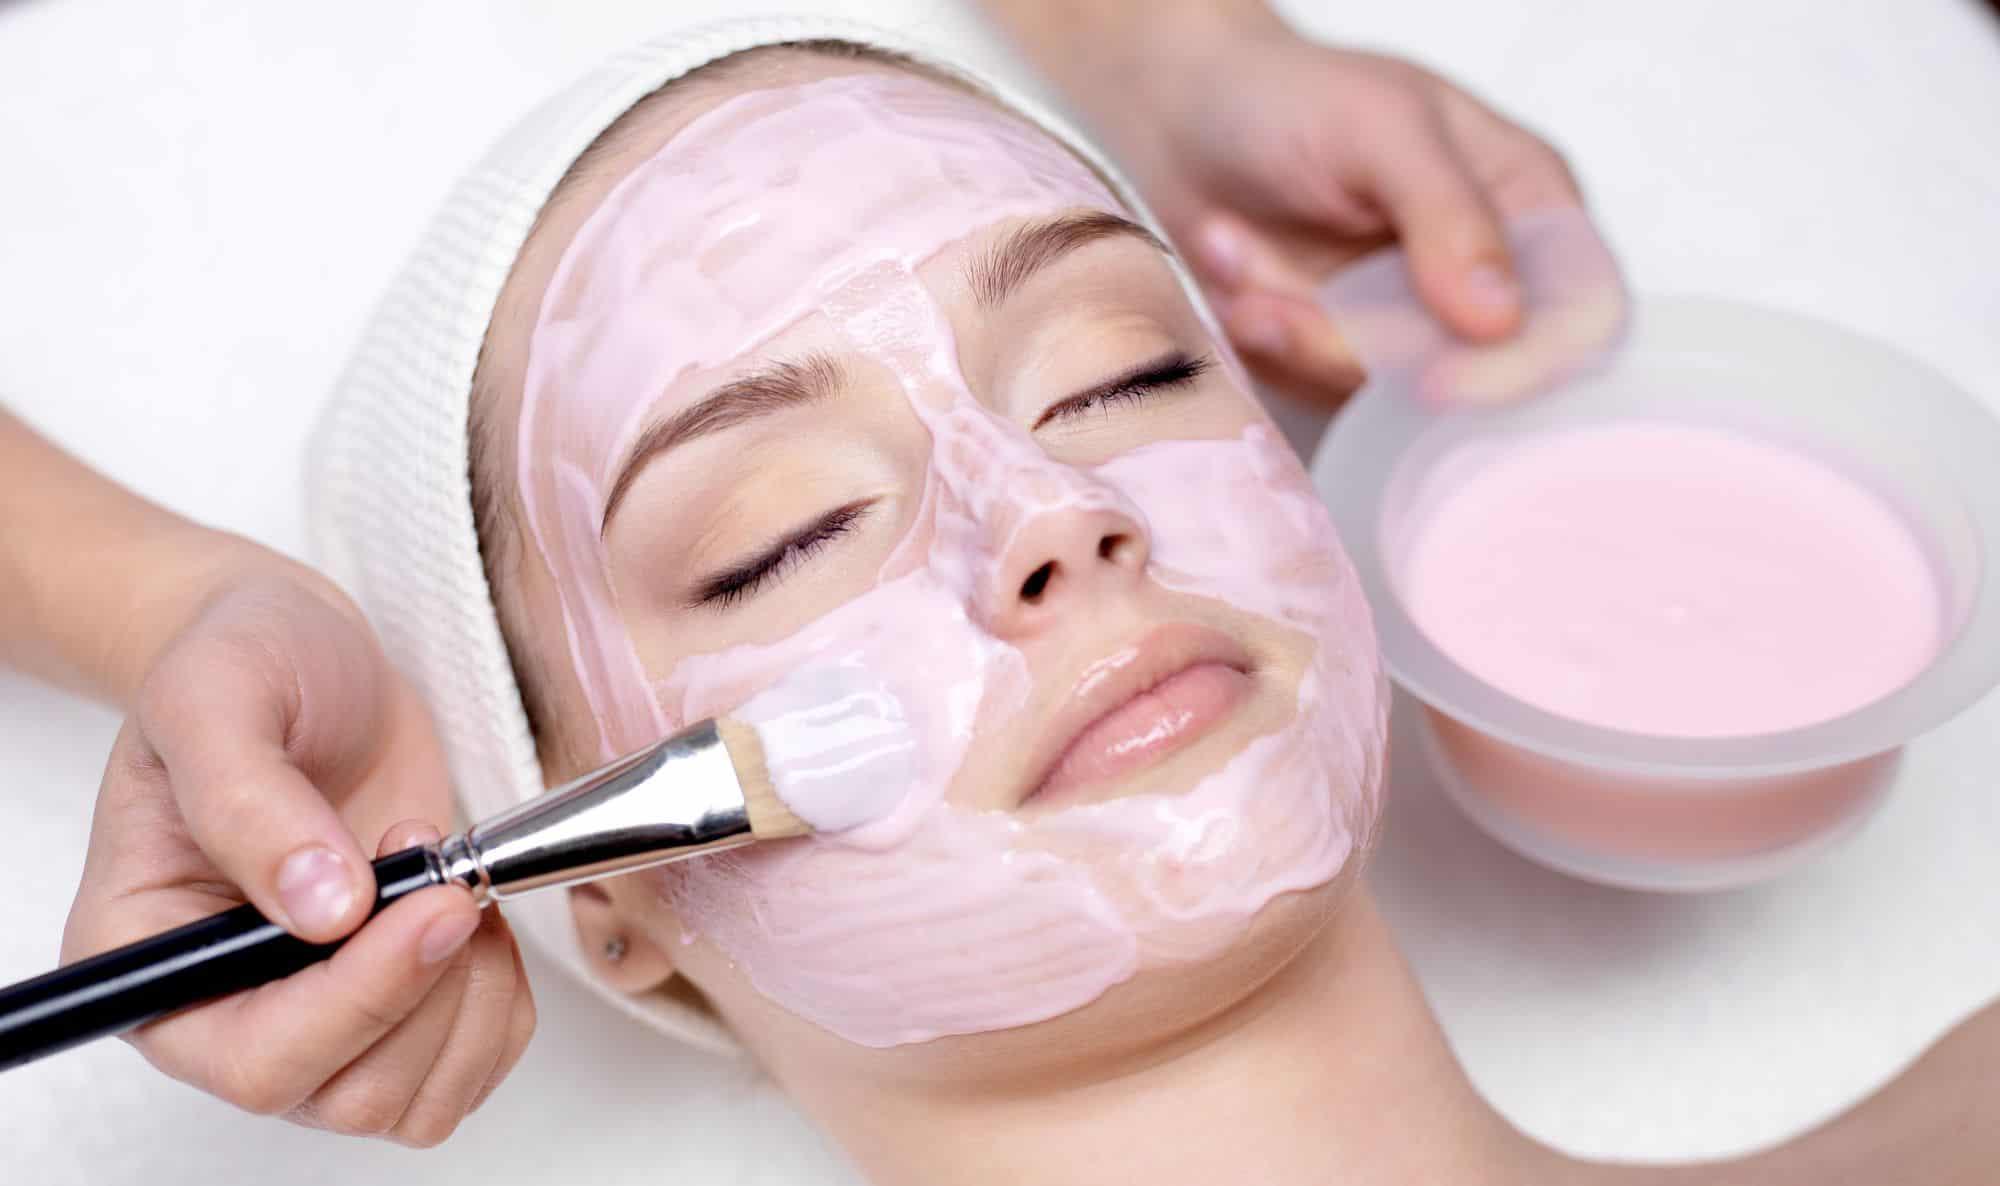 بالصور تقشير البشرة الدهنية , احصلي علي وجه مشرق وتخلصي من بشرتك الدهنيه. 4755 2